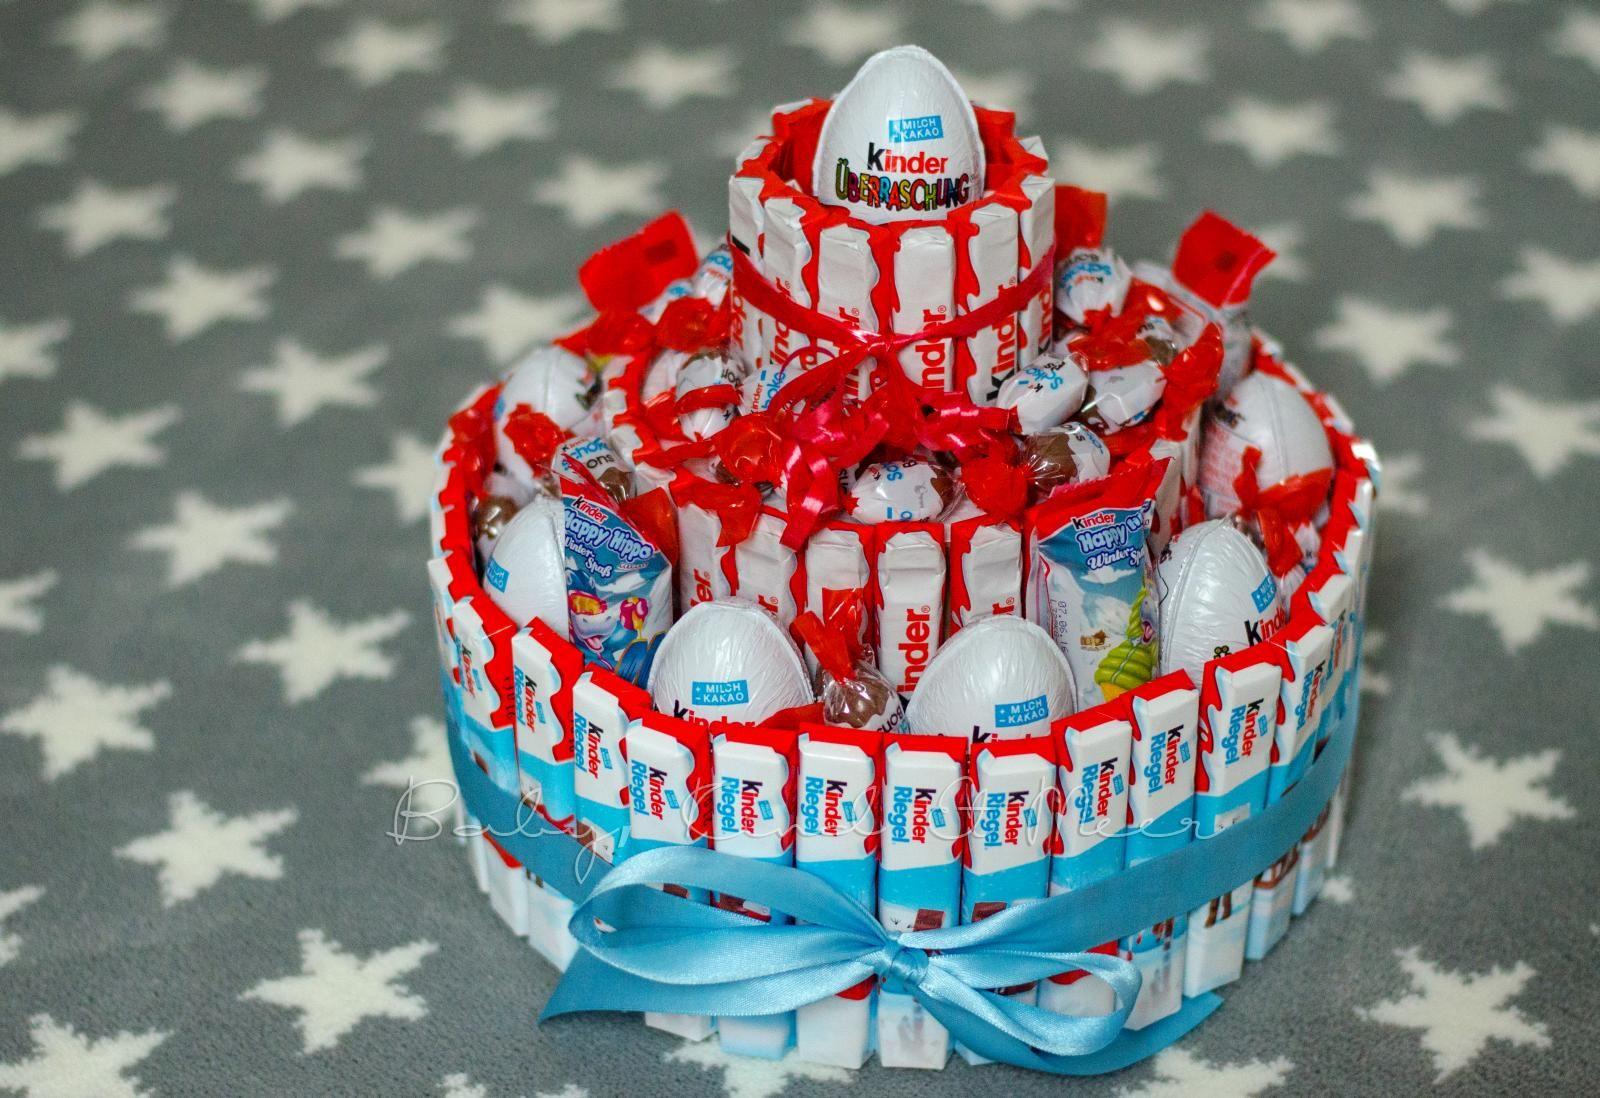 Kinderschokolade Torte 11  Geschenke  Pinterest  Pice monte kinder Cadeau und Anniversaire